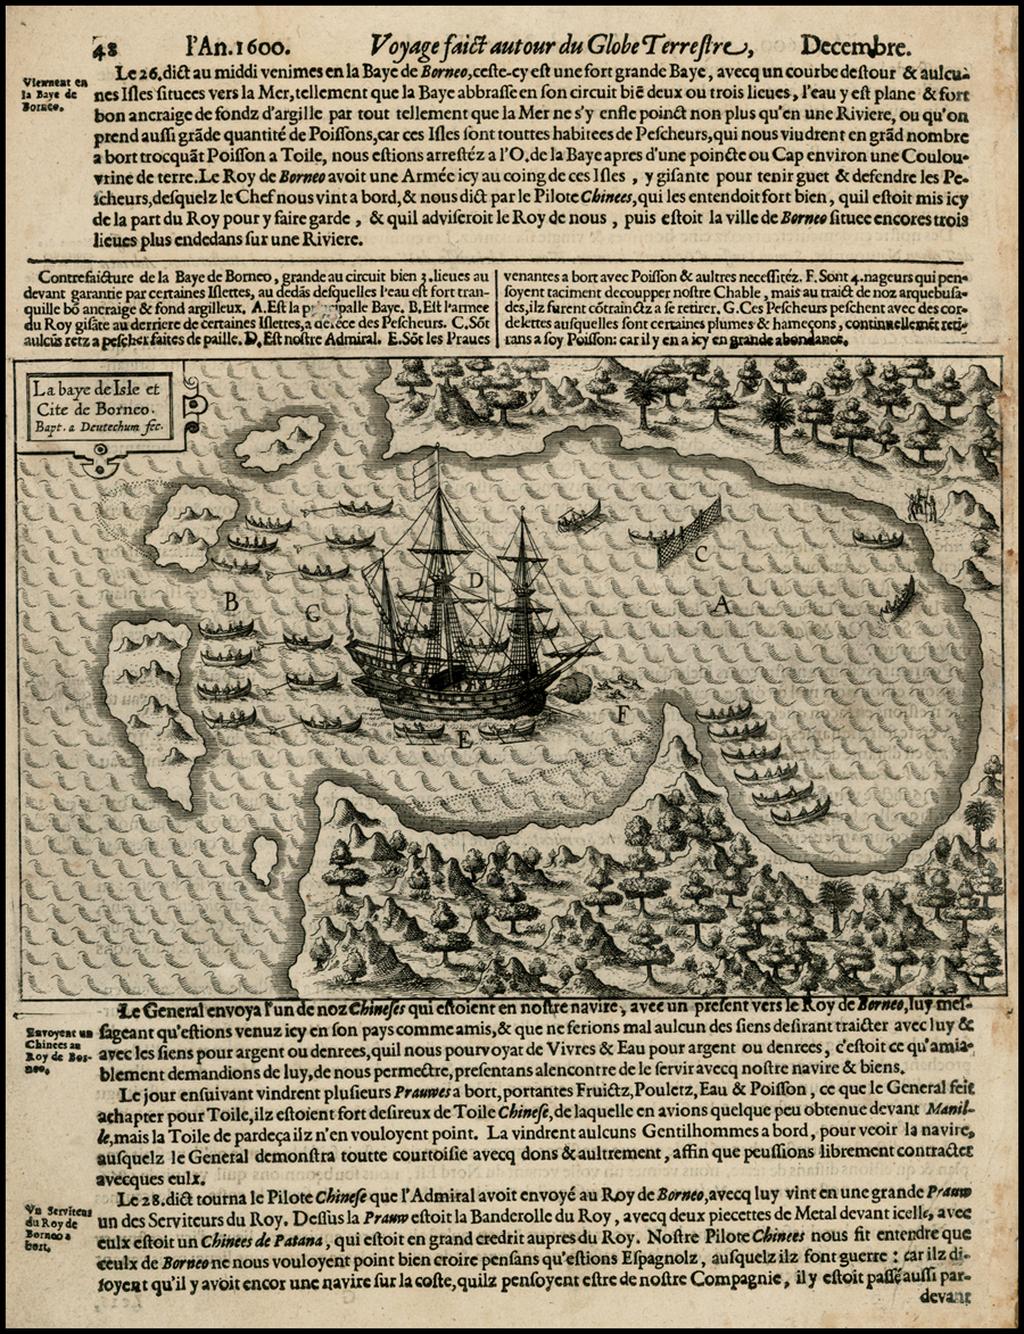 La baye de Isle et Cite de Borneo . . .  By Olivier Van Noort